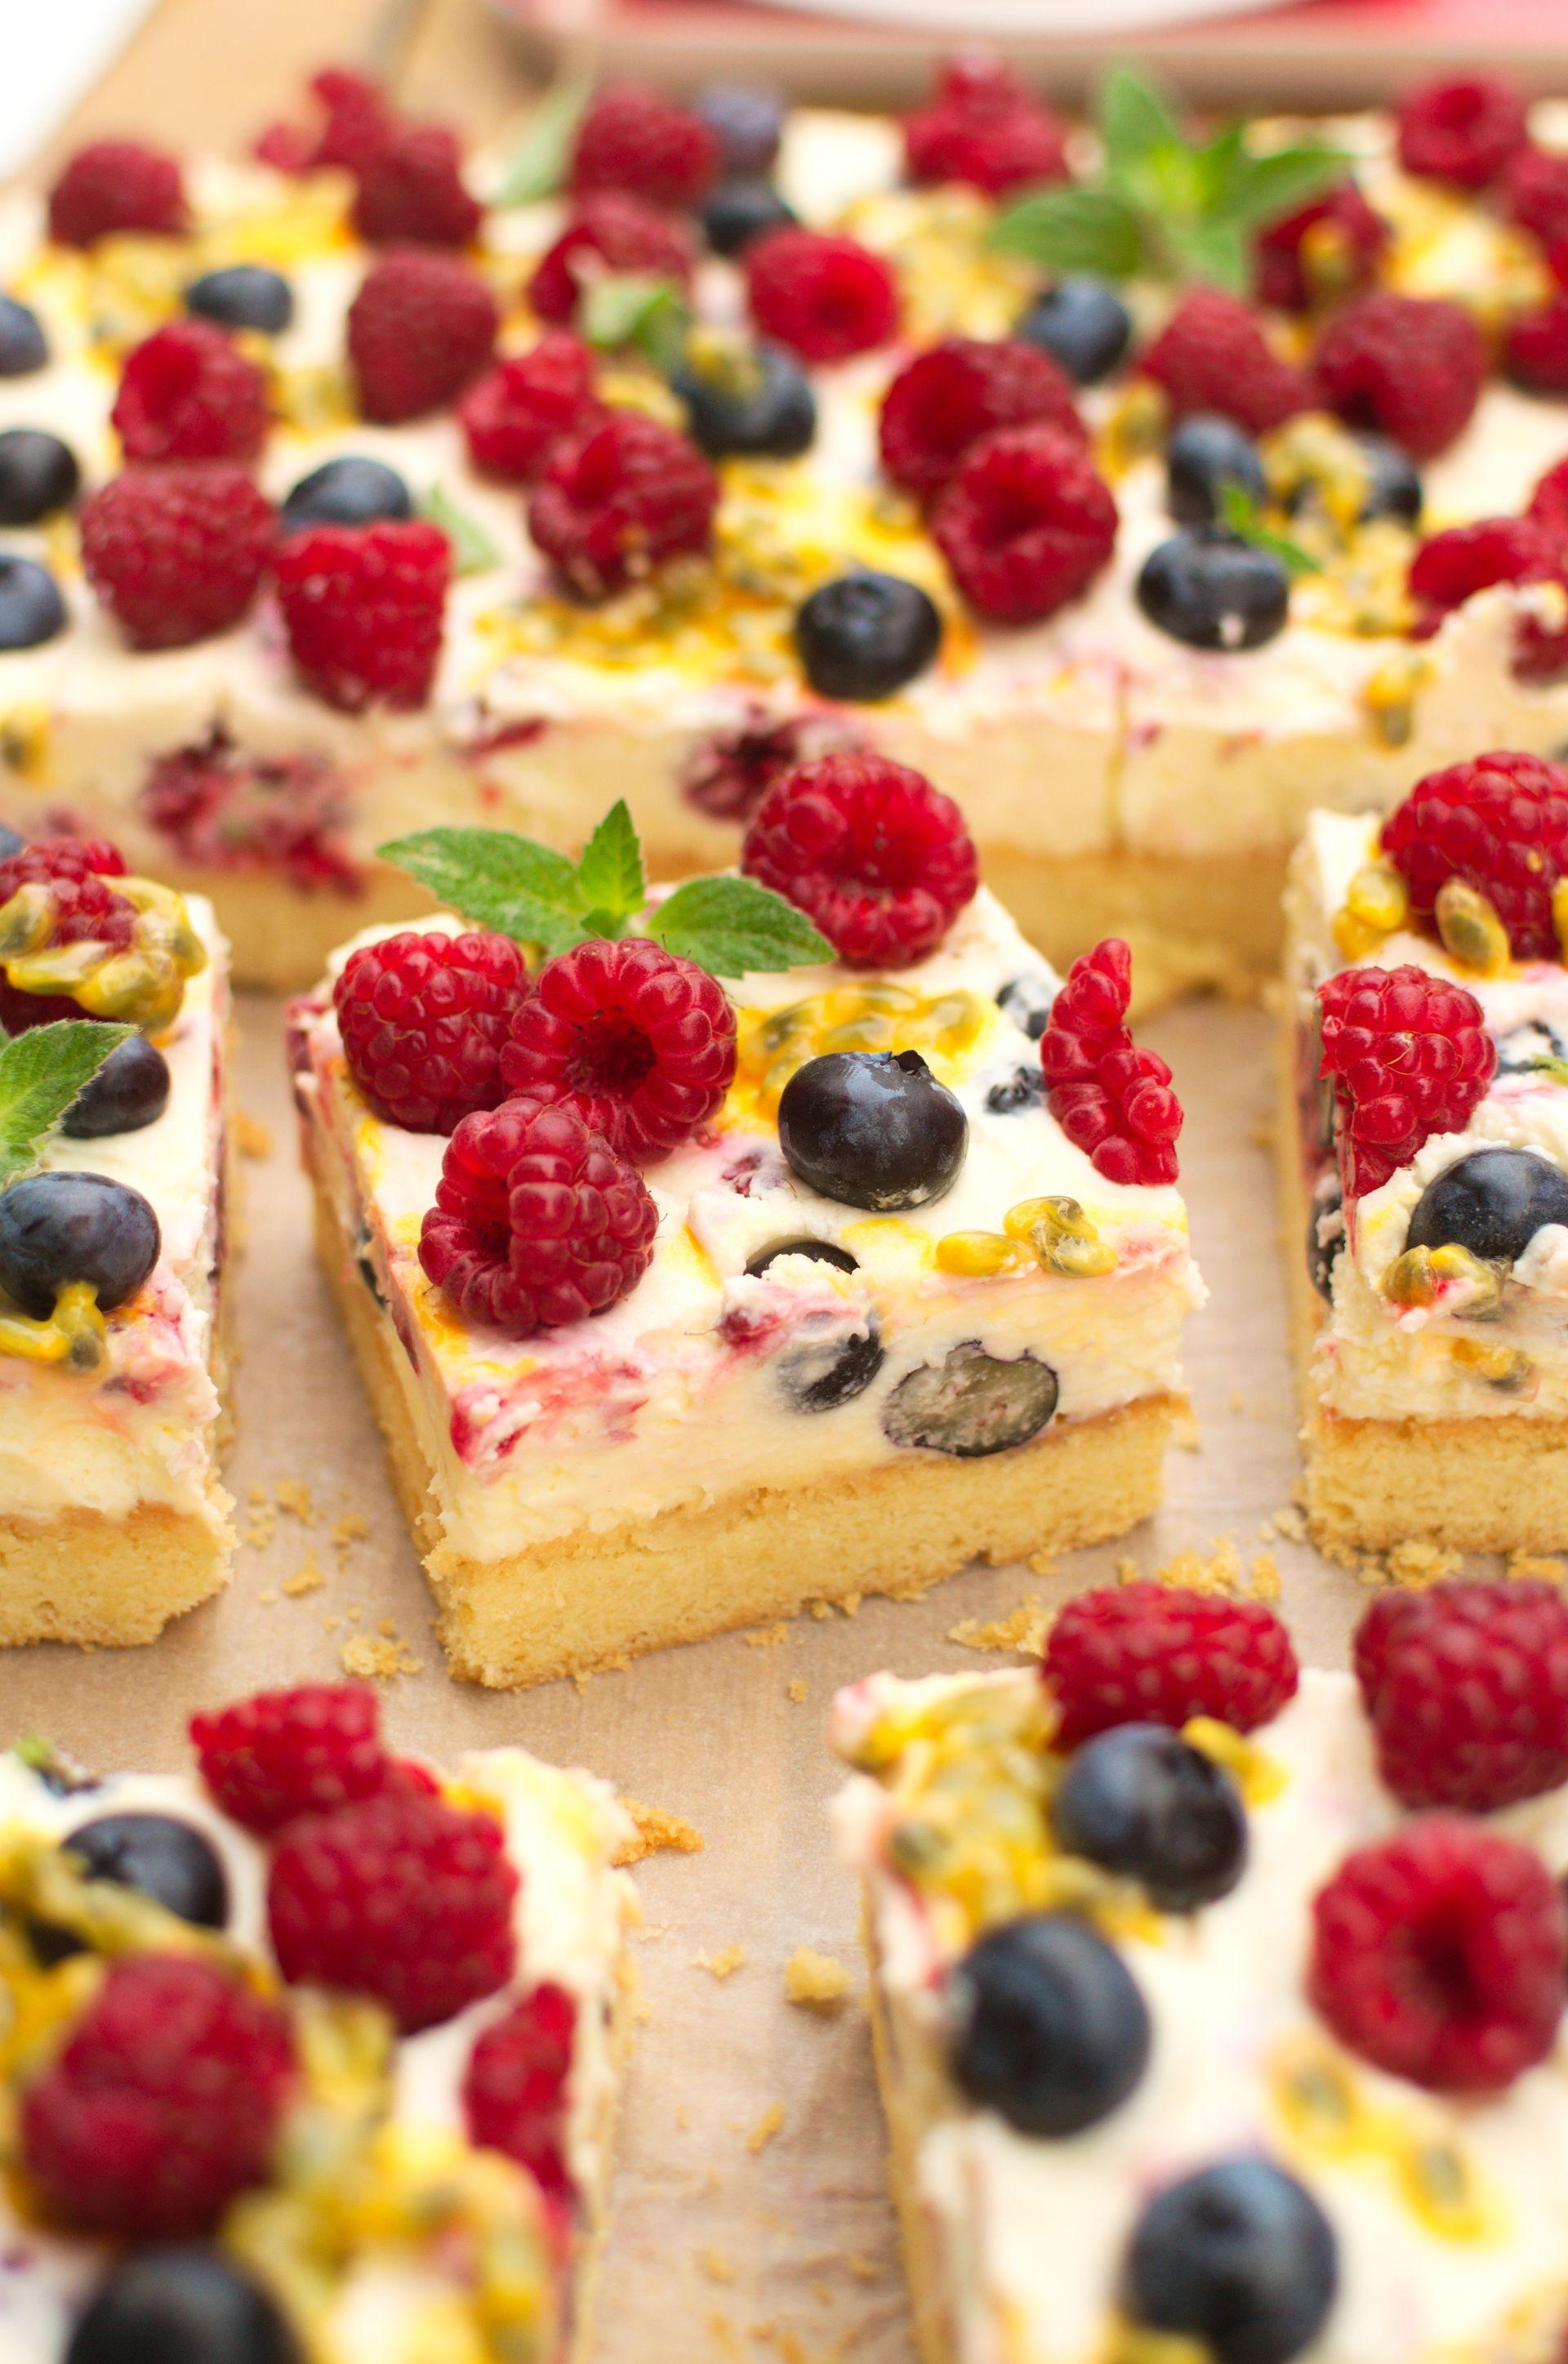 Maślane kruche ciasto z owocami i mascarpone